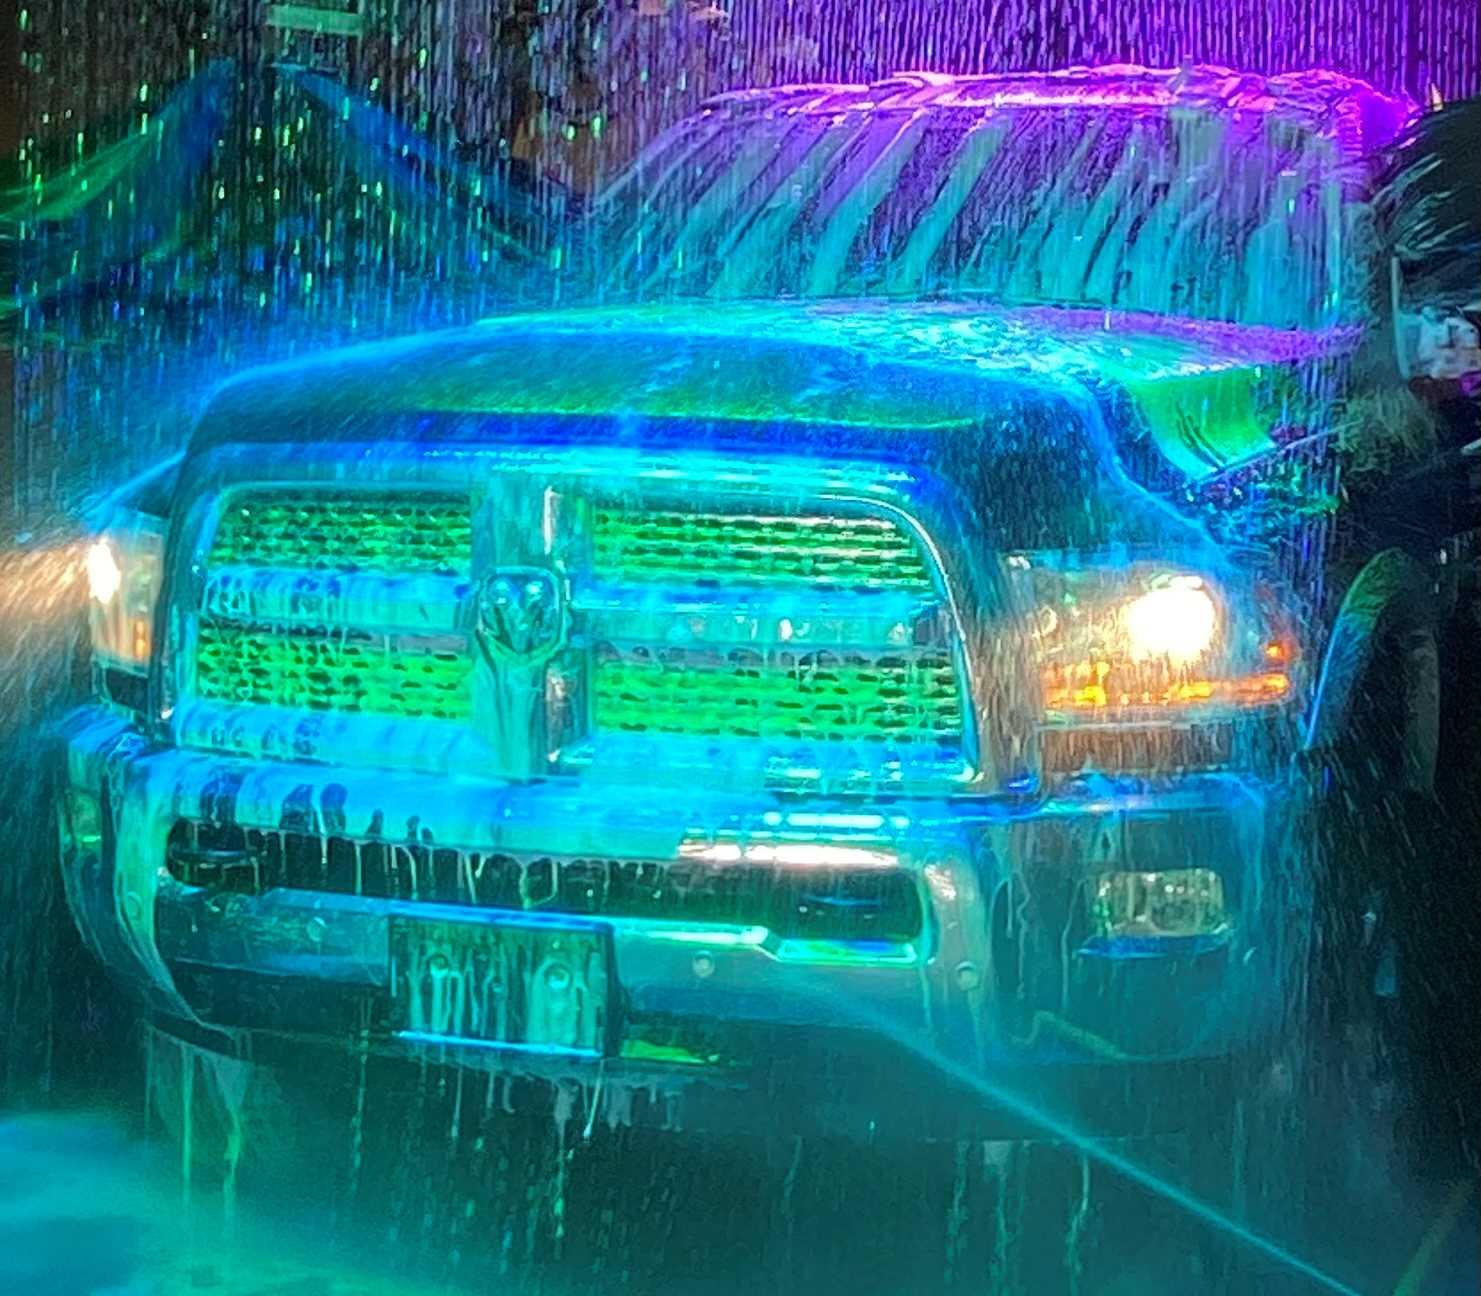 POLISHED PEACH CAR WASH